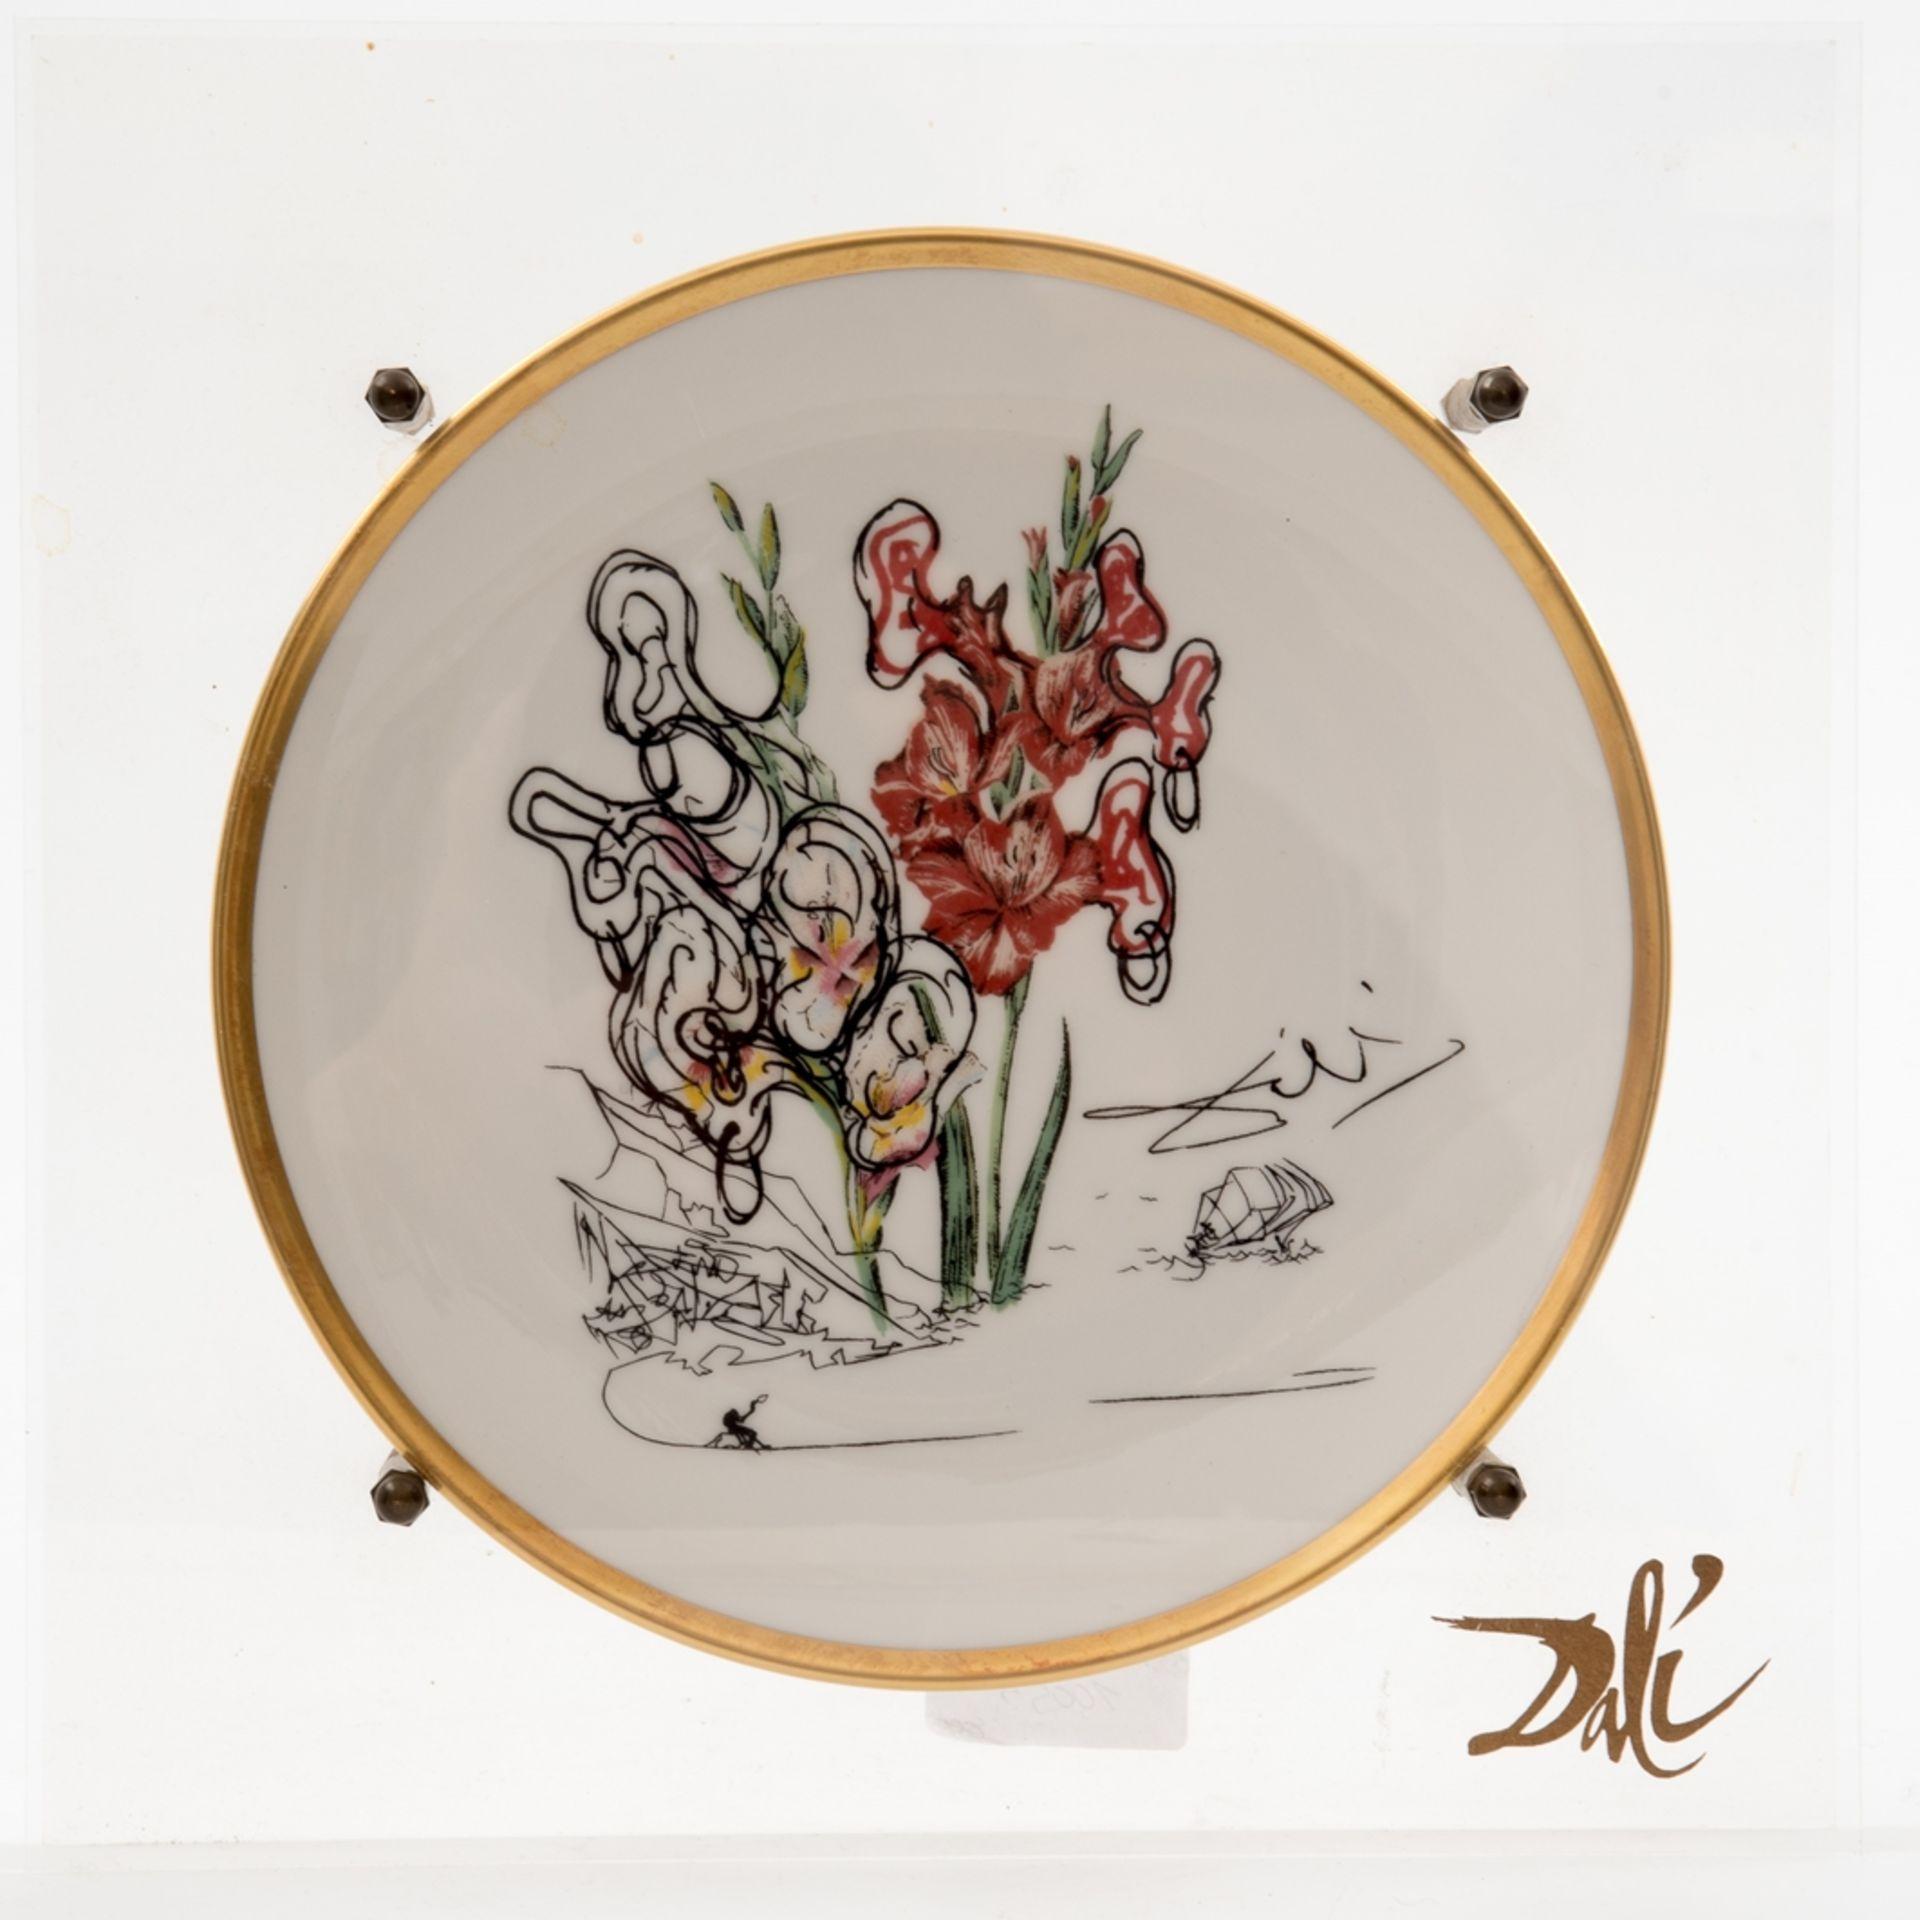 Dali, Salvador, Teller , Las Flores Dalinianans